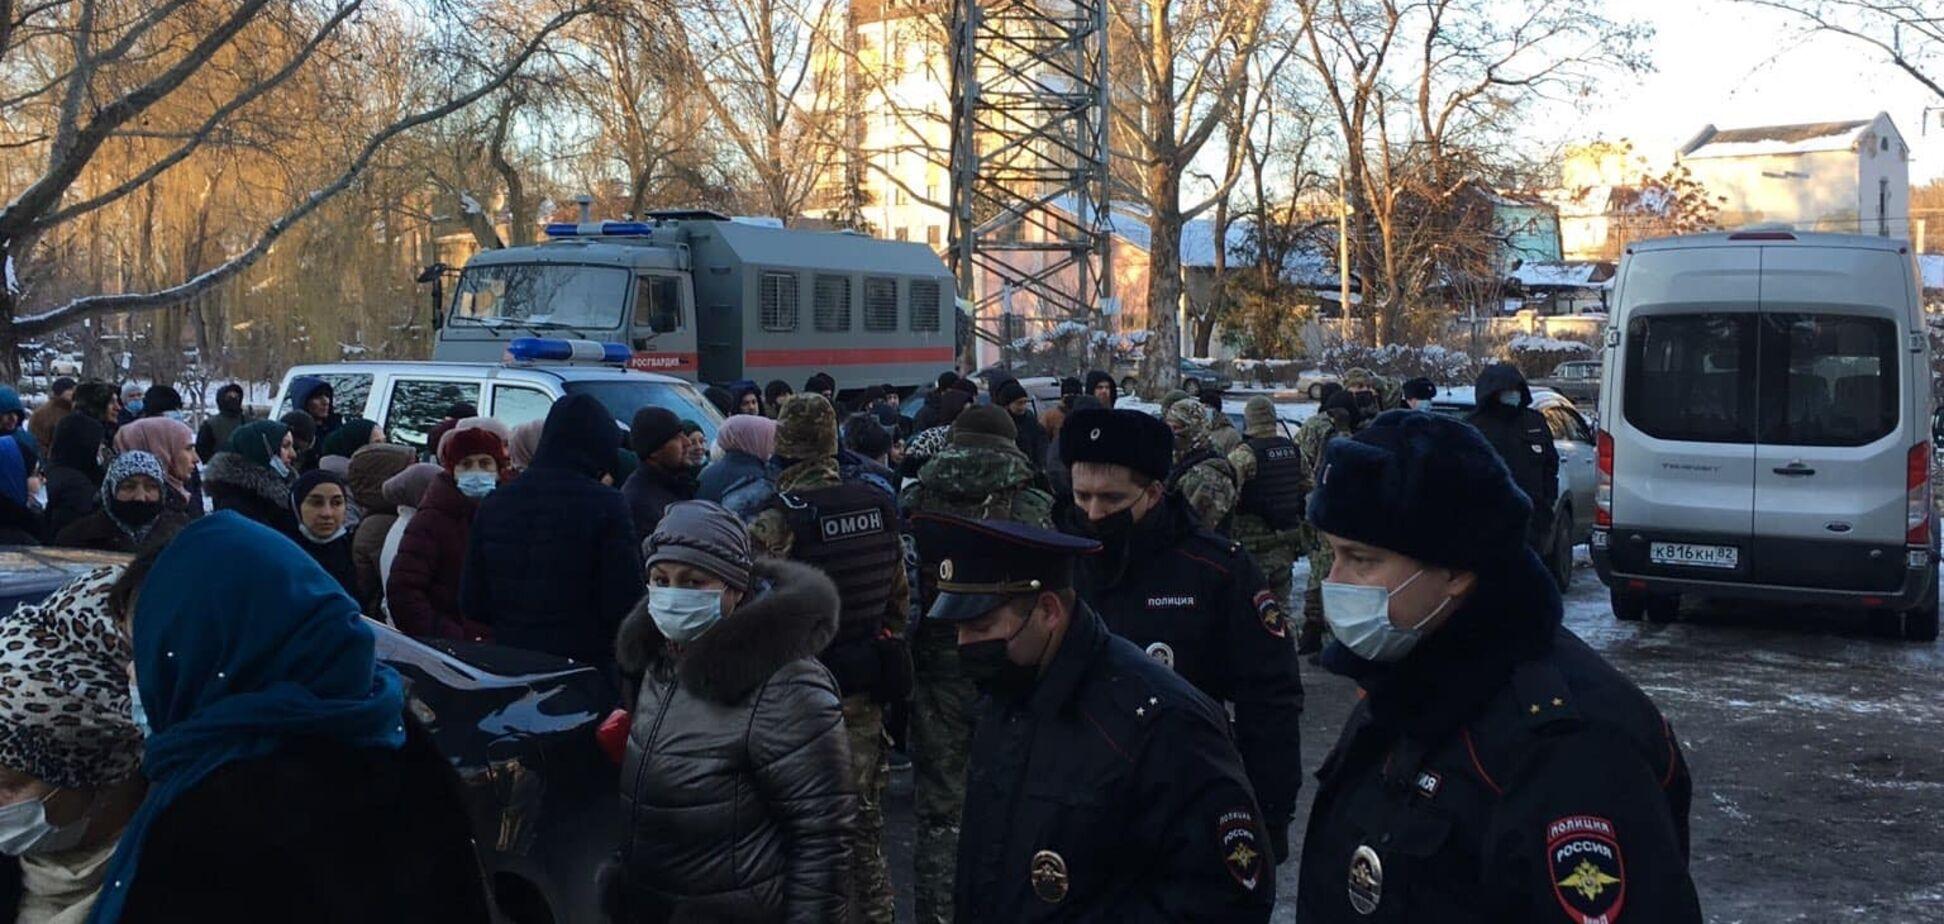 Новости Крымнаша. Главное, результат им по душе — депортация из Крыма крымчан